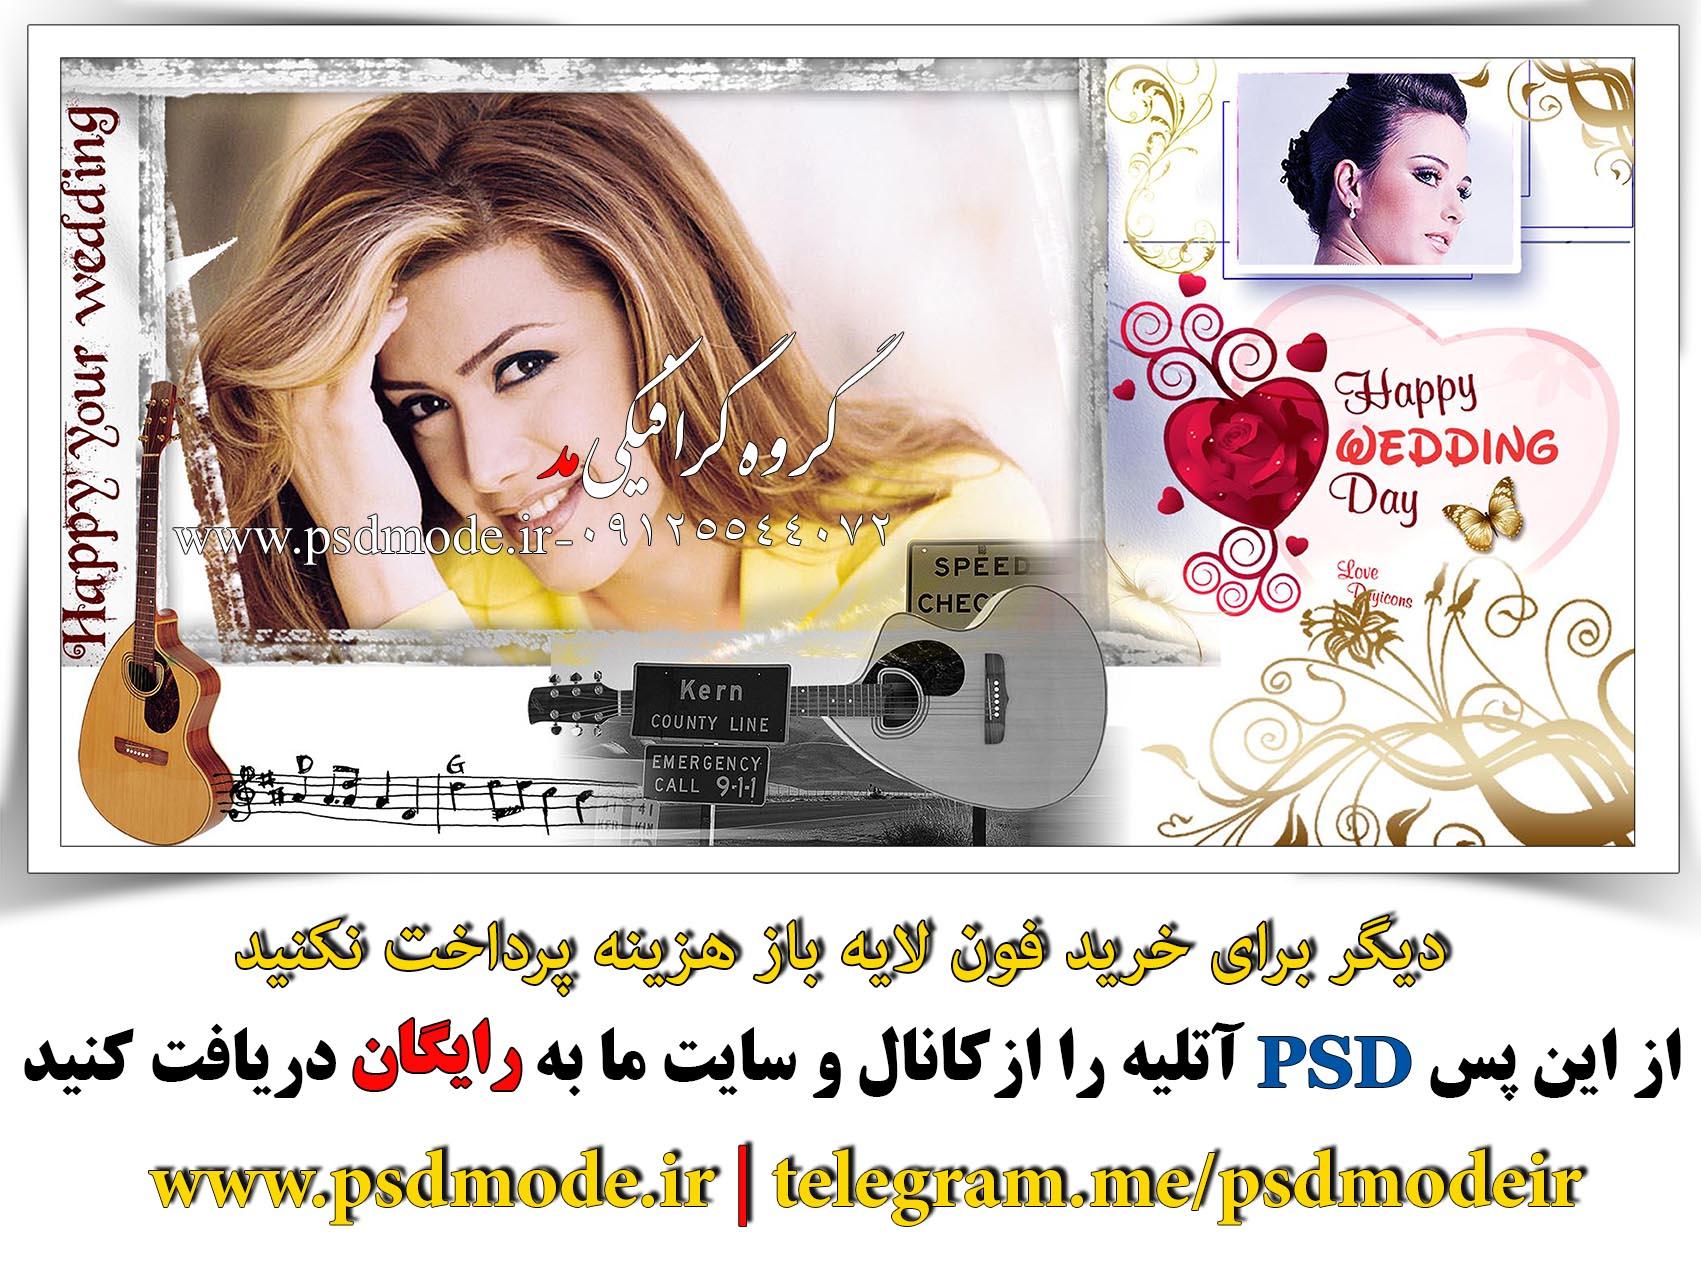 دانلود رایگان فون آلبوم ایتالیایی عروس و داماد (7)